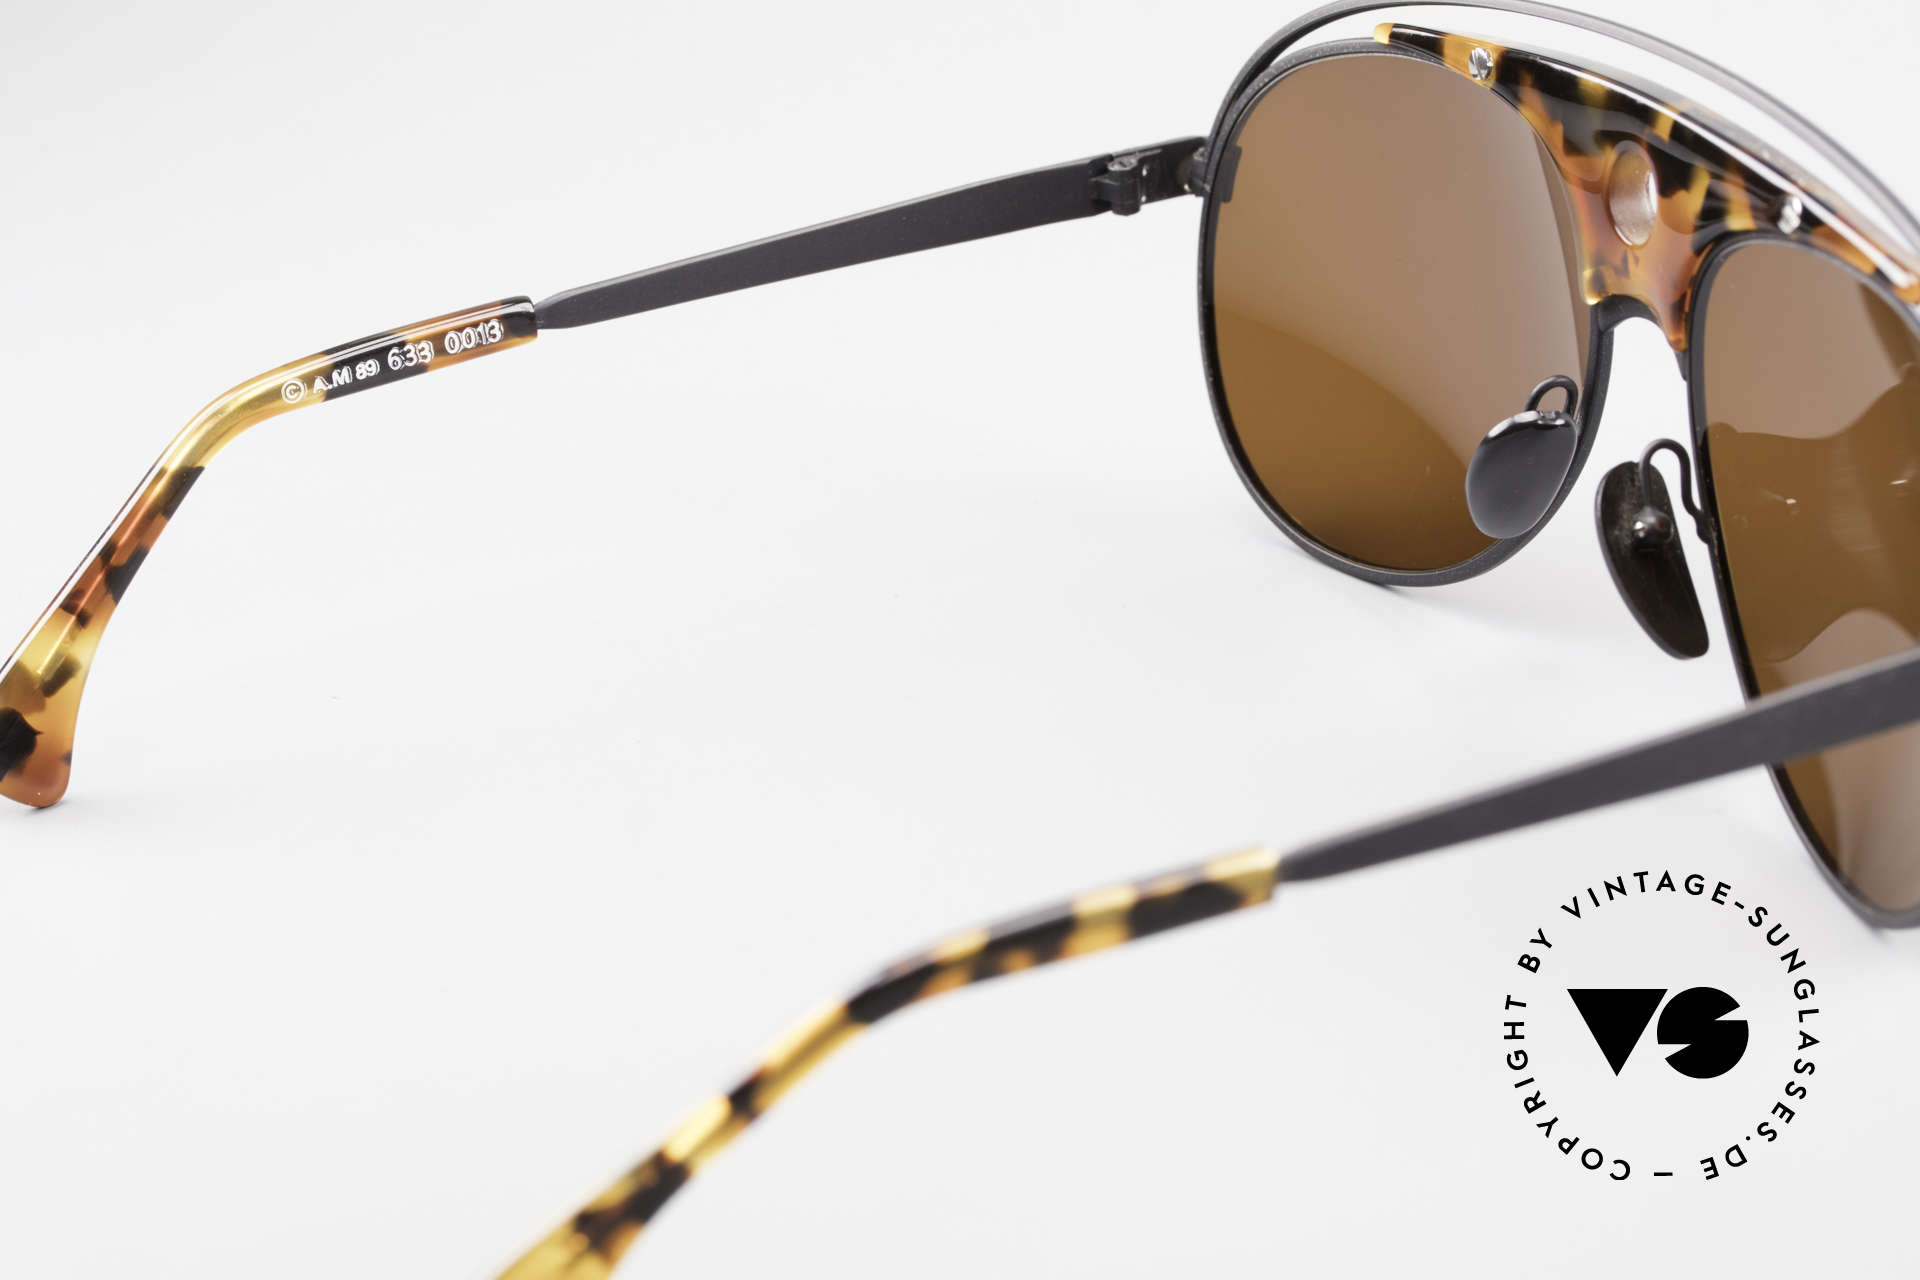 Alain Mikli 633 / 0013 Lenny Kravitz Sunglasses 80's, NO RETRO fashion, but a RARE old 1980's ORIGINAL!, Made for Men